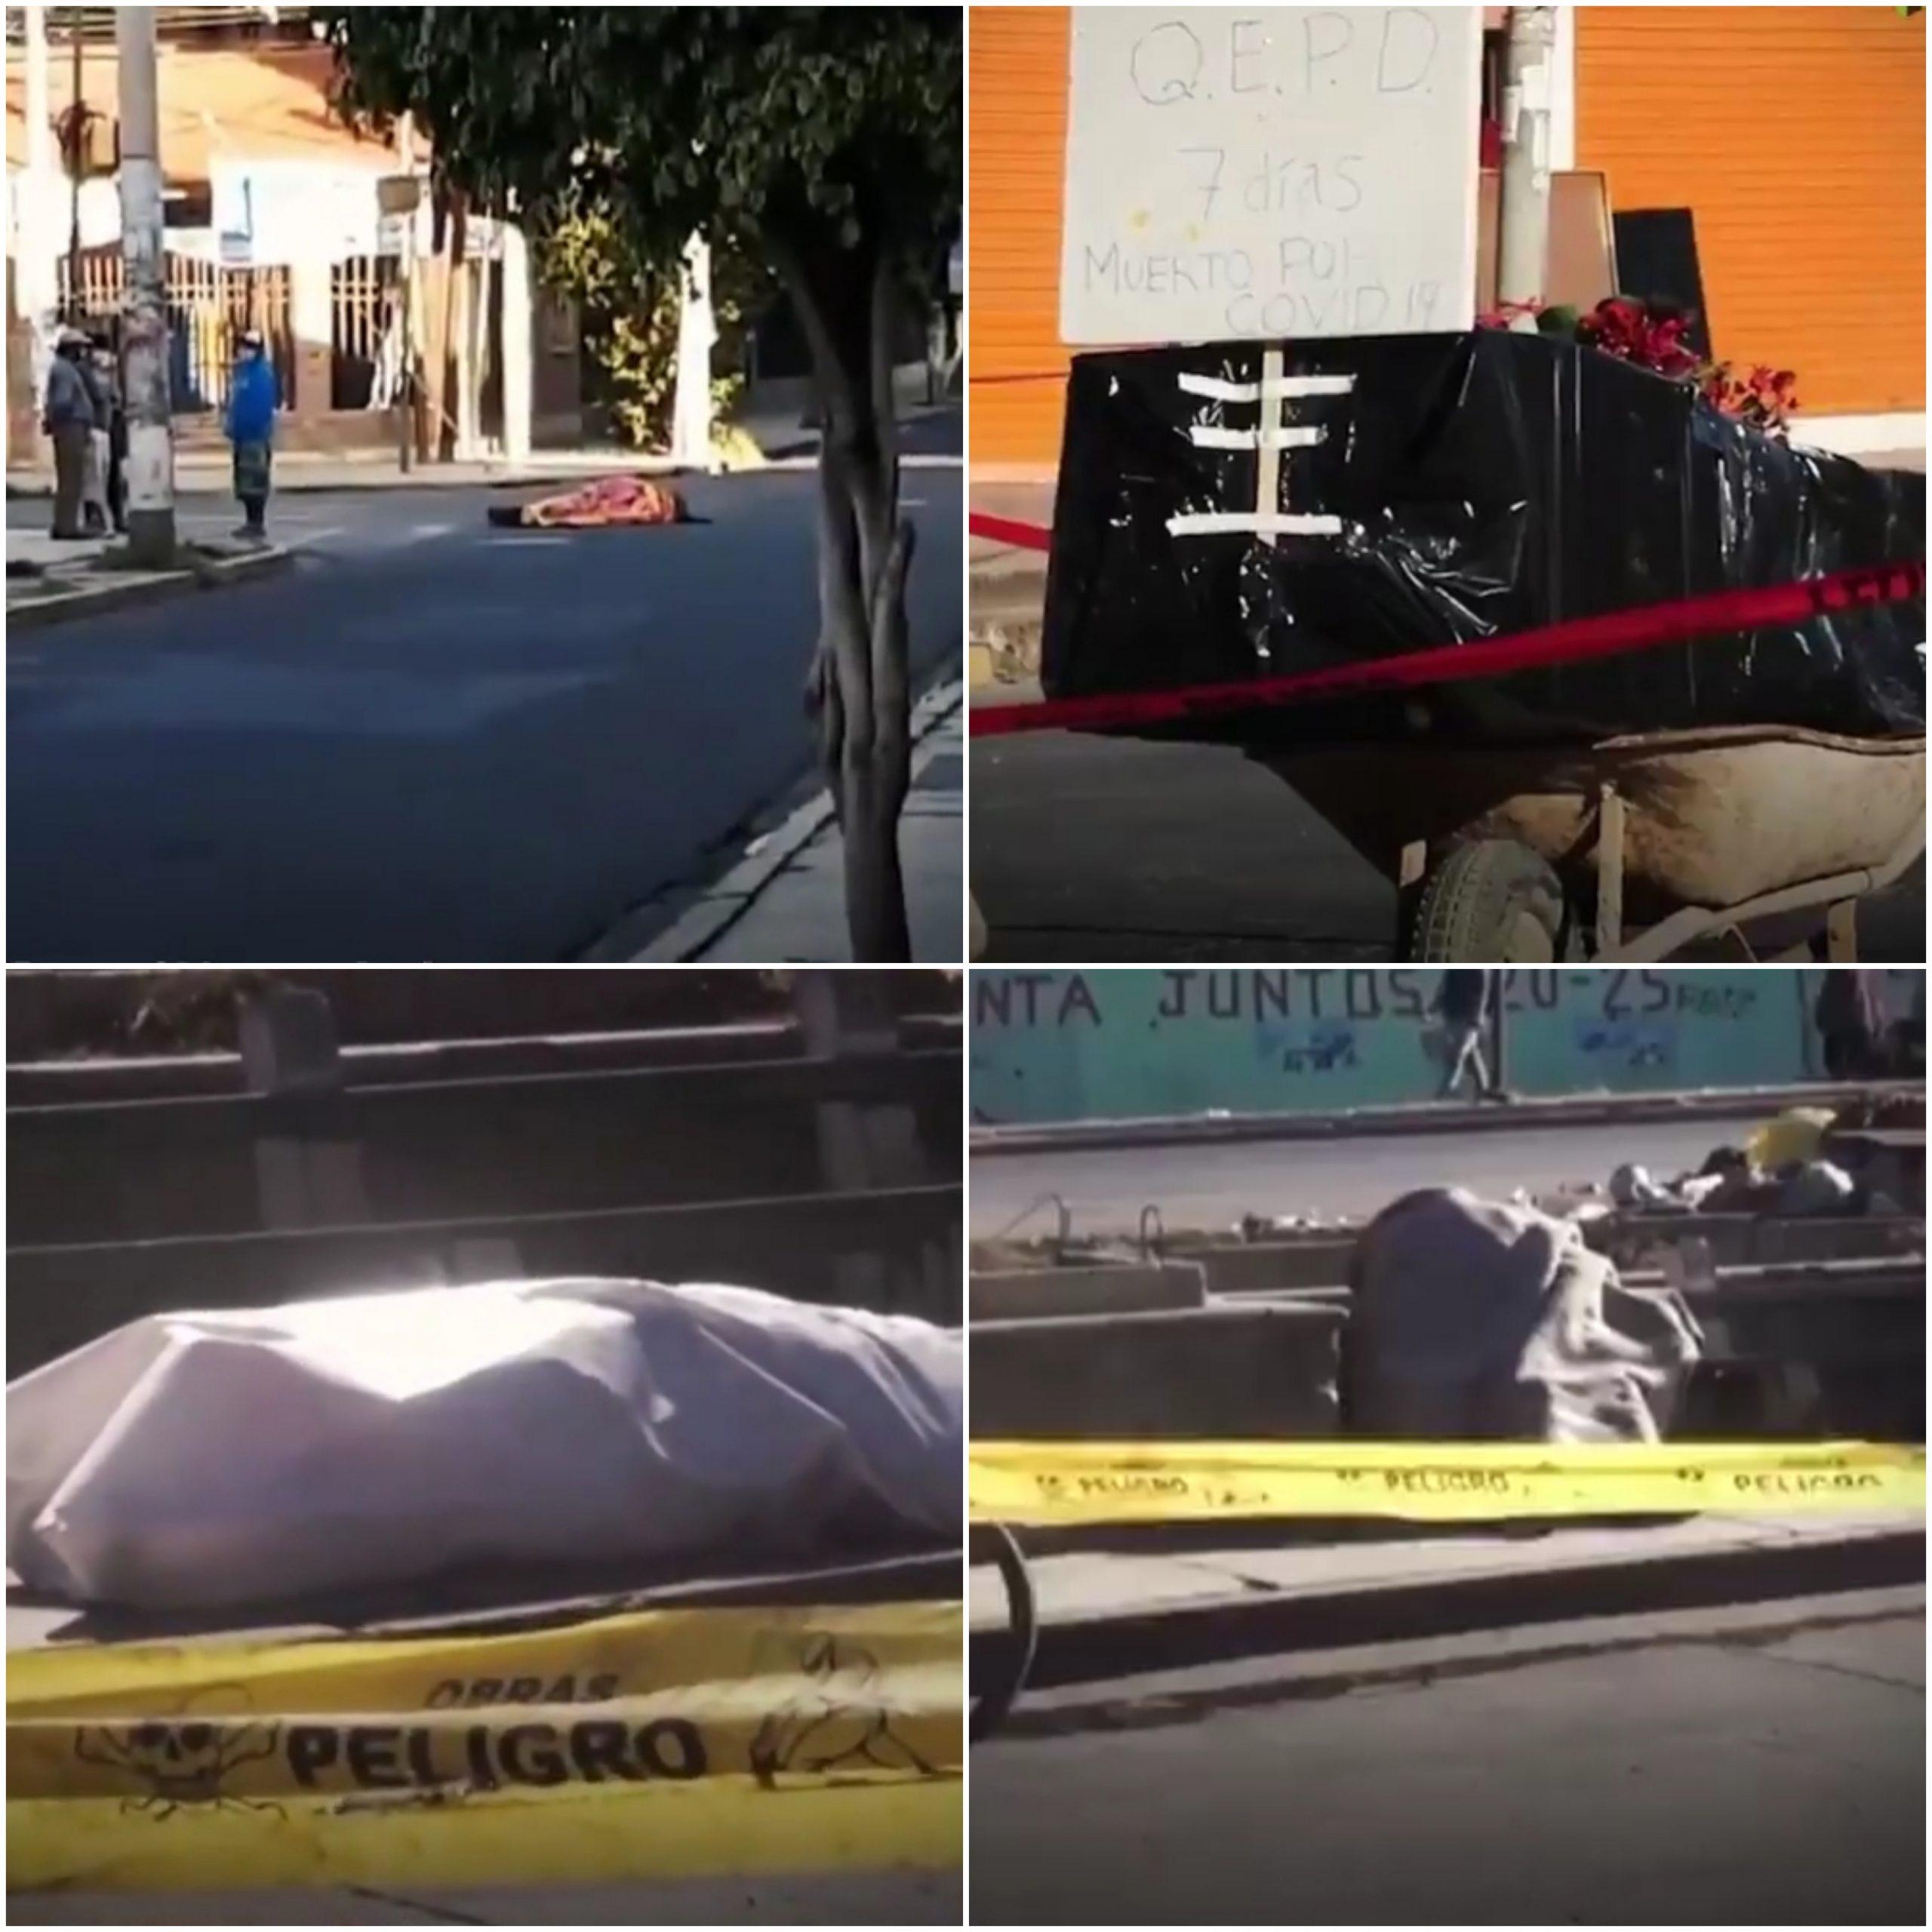 Muertos por covid-19 en las calles, Bolivia vive el drama de Ecuador a causa de la pandemia